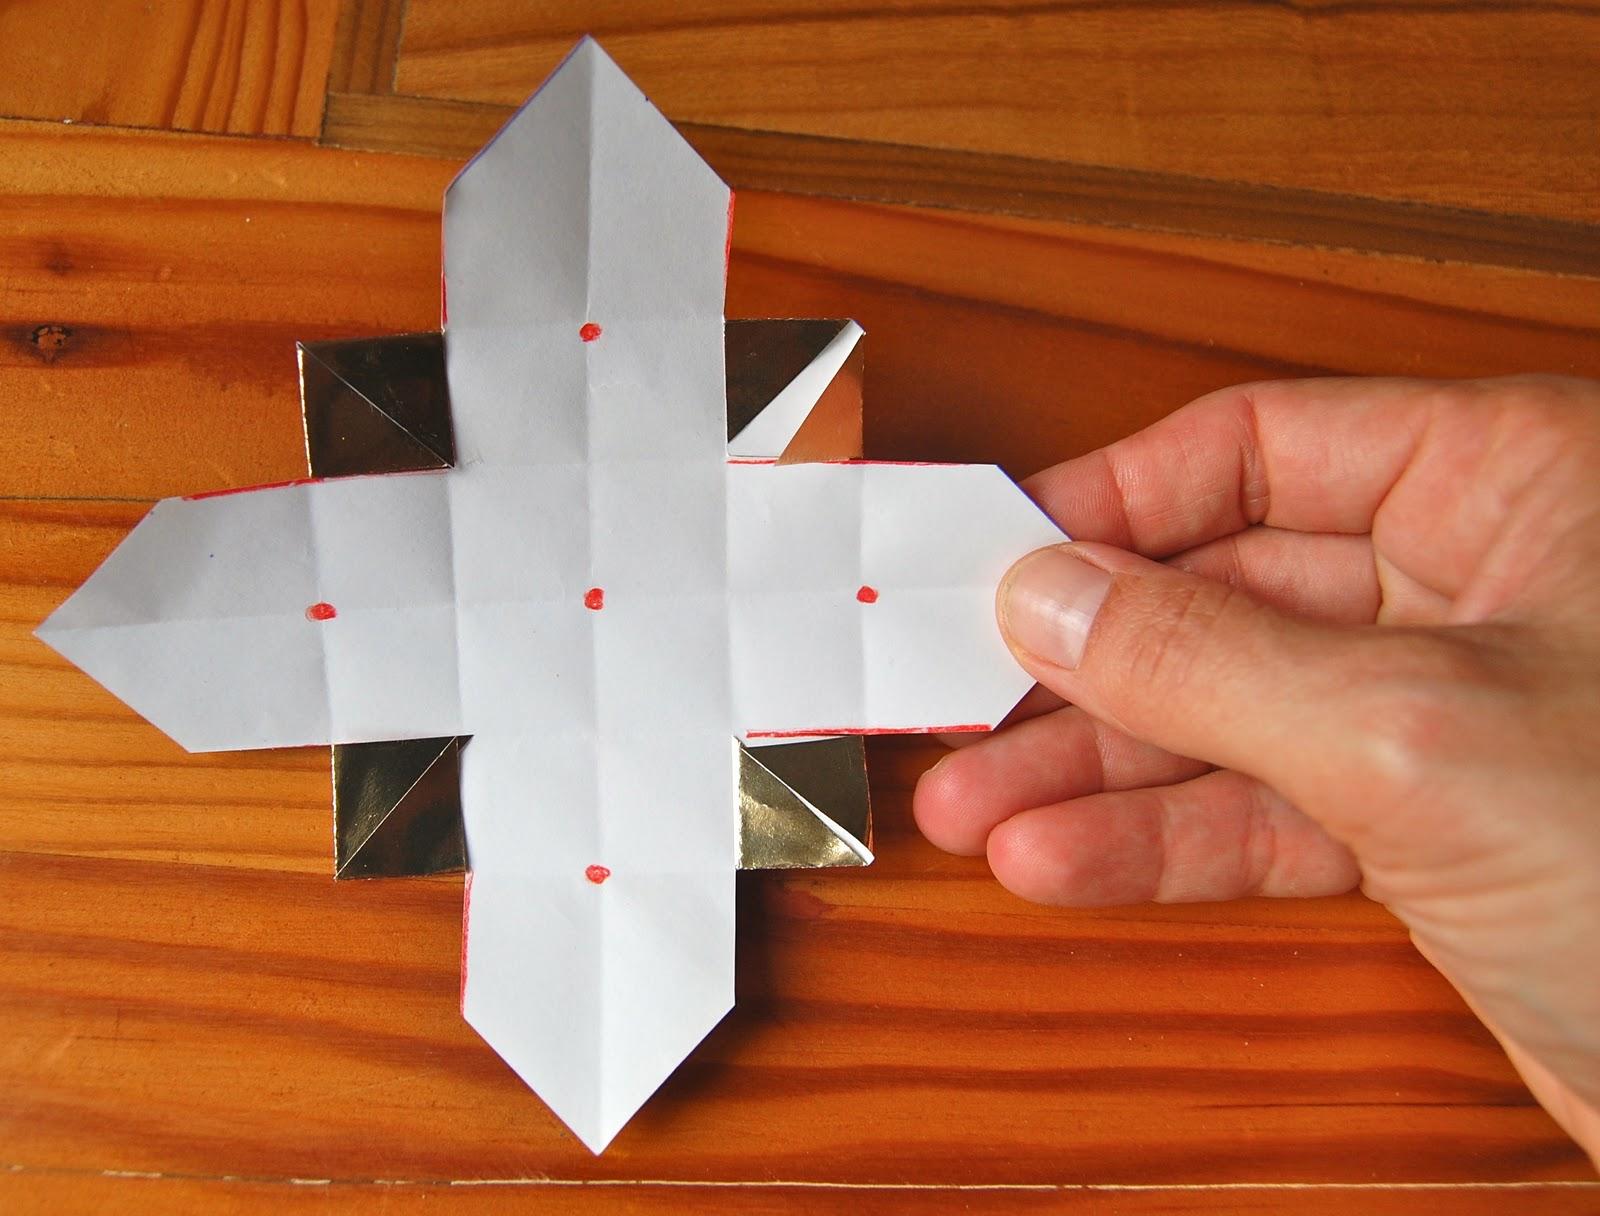 Handmade Origami Box | Educator101Educator101